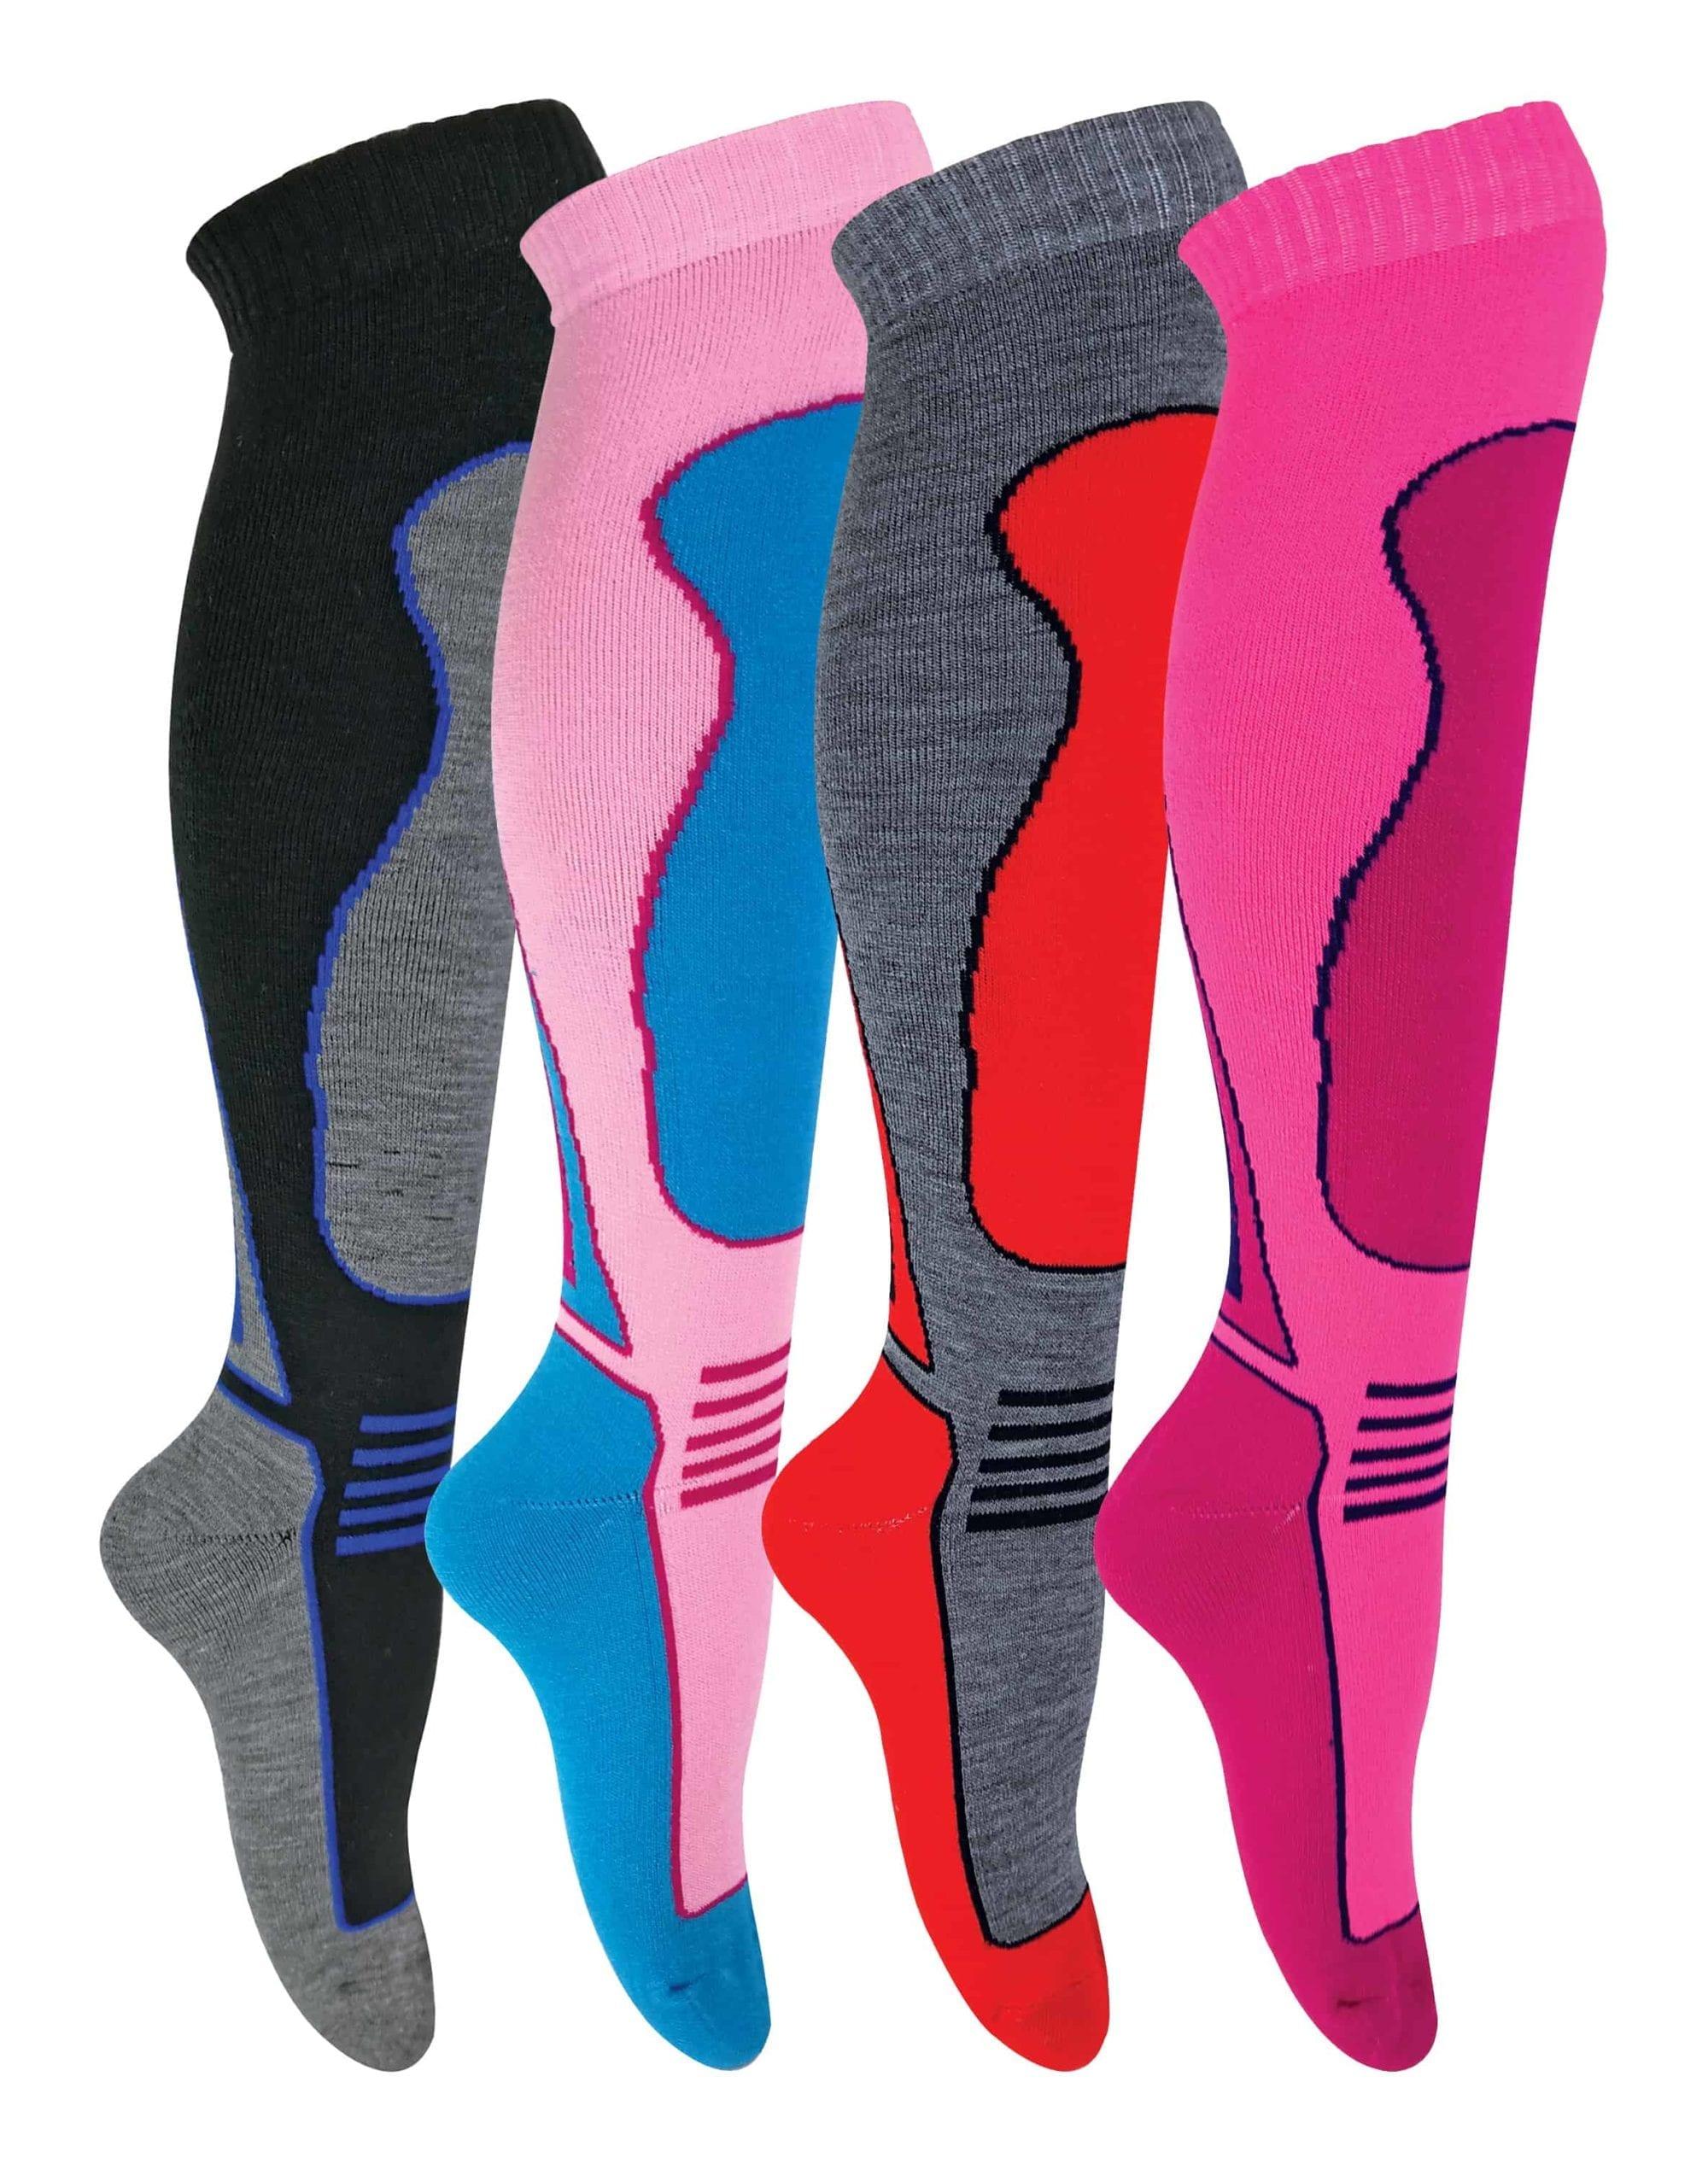 4 Pairs ladies ski socks.2.0 tog